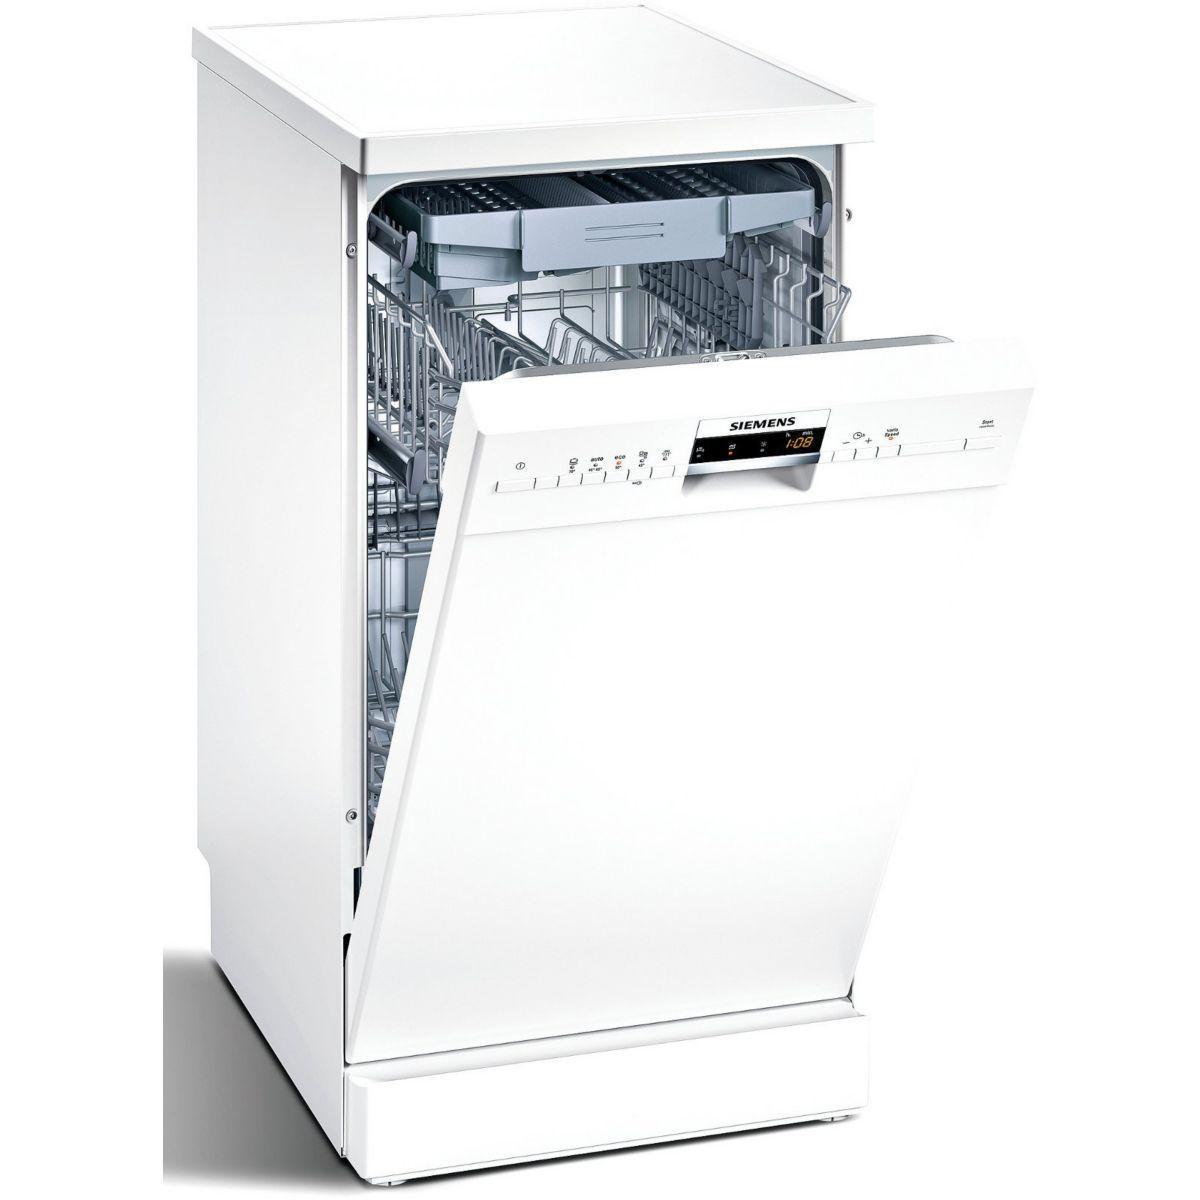 Lave-vaisselle 45cm SIEMENS SR25M282EU